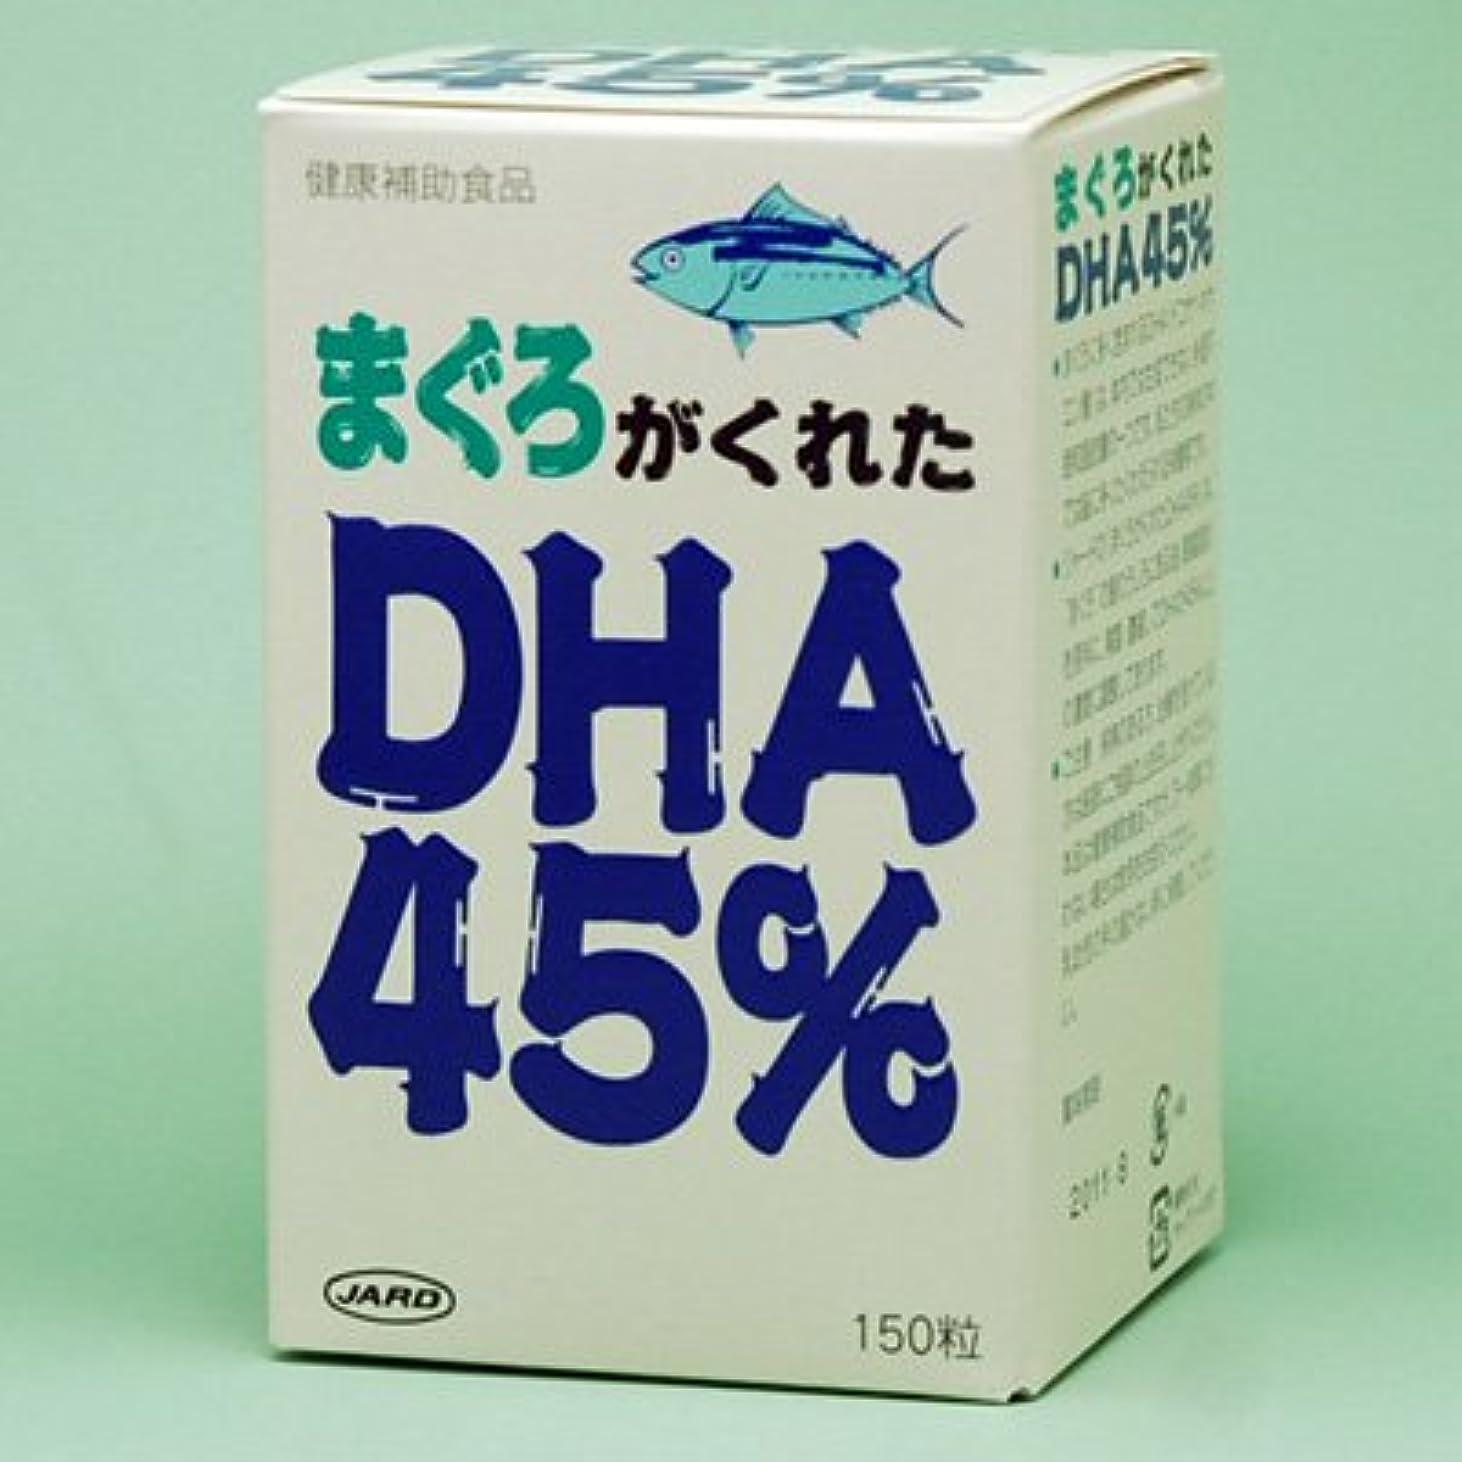 モーテル実証するもつれまぐろがくれたDHA45%【3本セット】ジャード